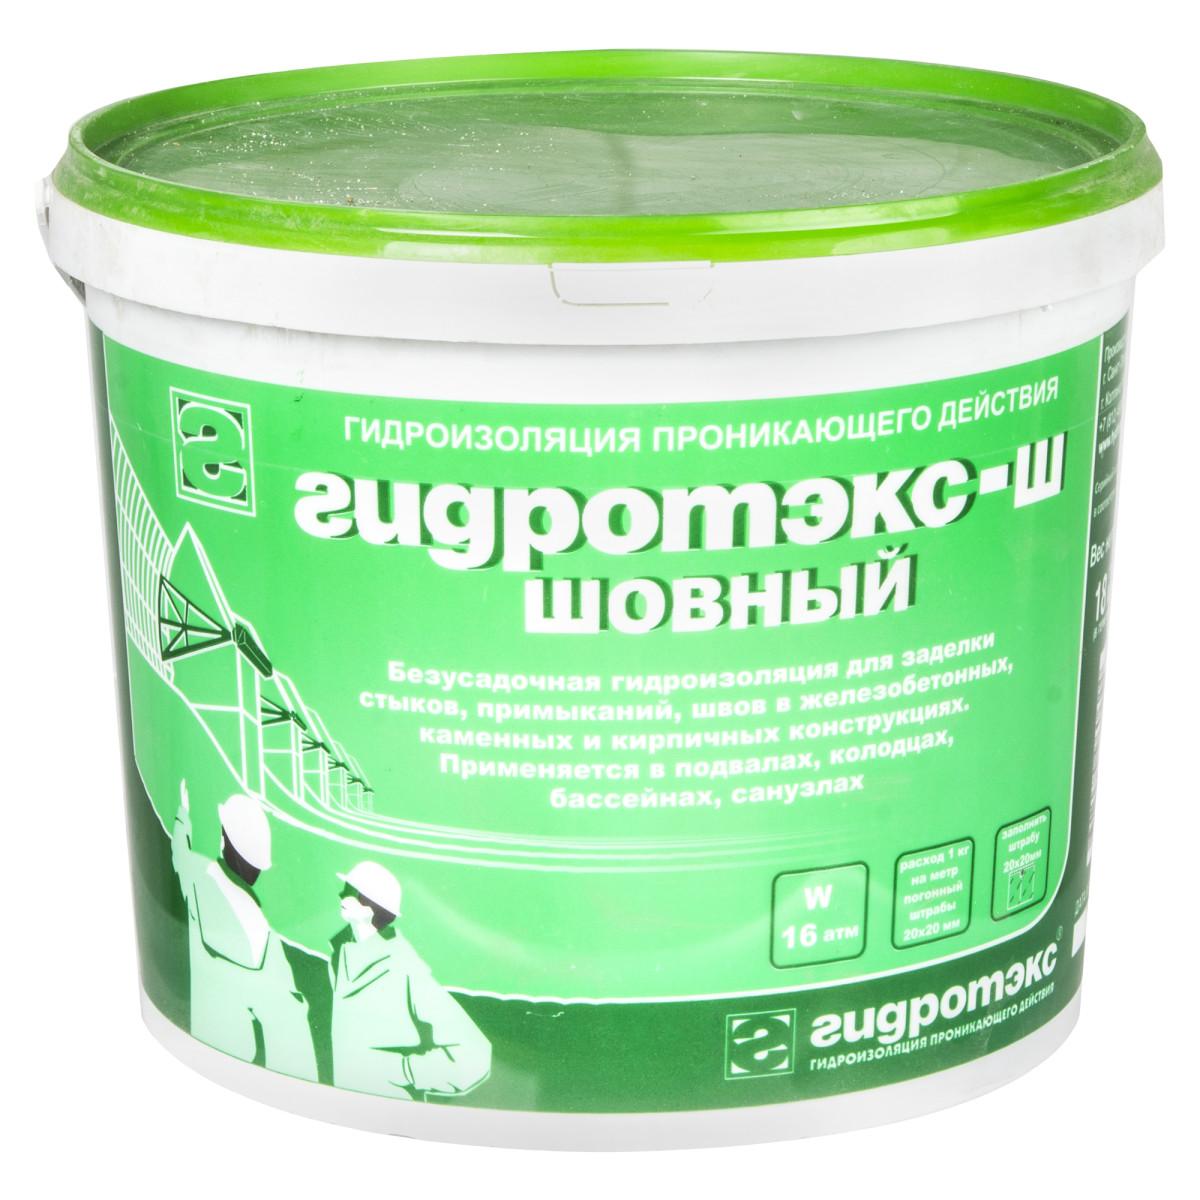 Раствор водонепроницаемый Гидротэкс-Ш 8 кг